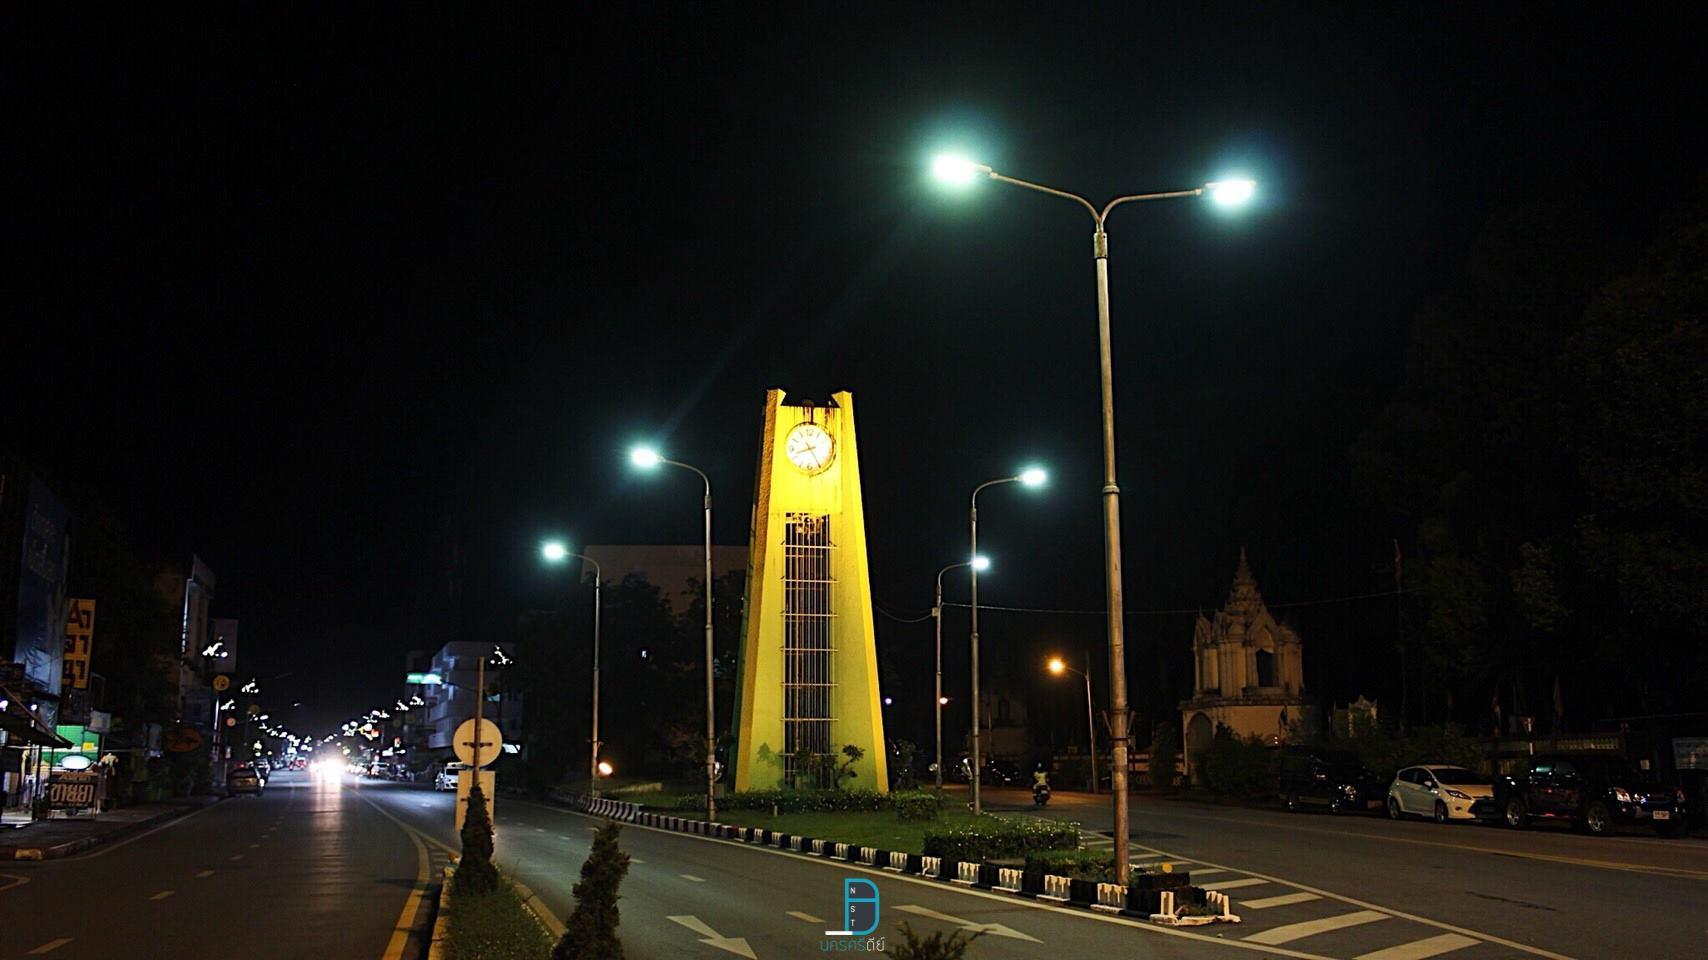 หอนาฬิกาสวยๆ-ประจำเมืองนคร ที่กิน,ที่เที่ยว,นครศรีธรรมราช,เมืองคอน,2018,BunprasopGardenHotel,นครศรี,อำเภอเมือง